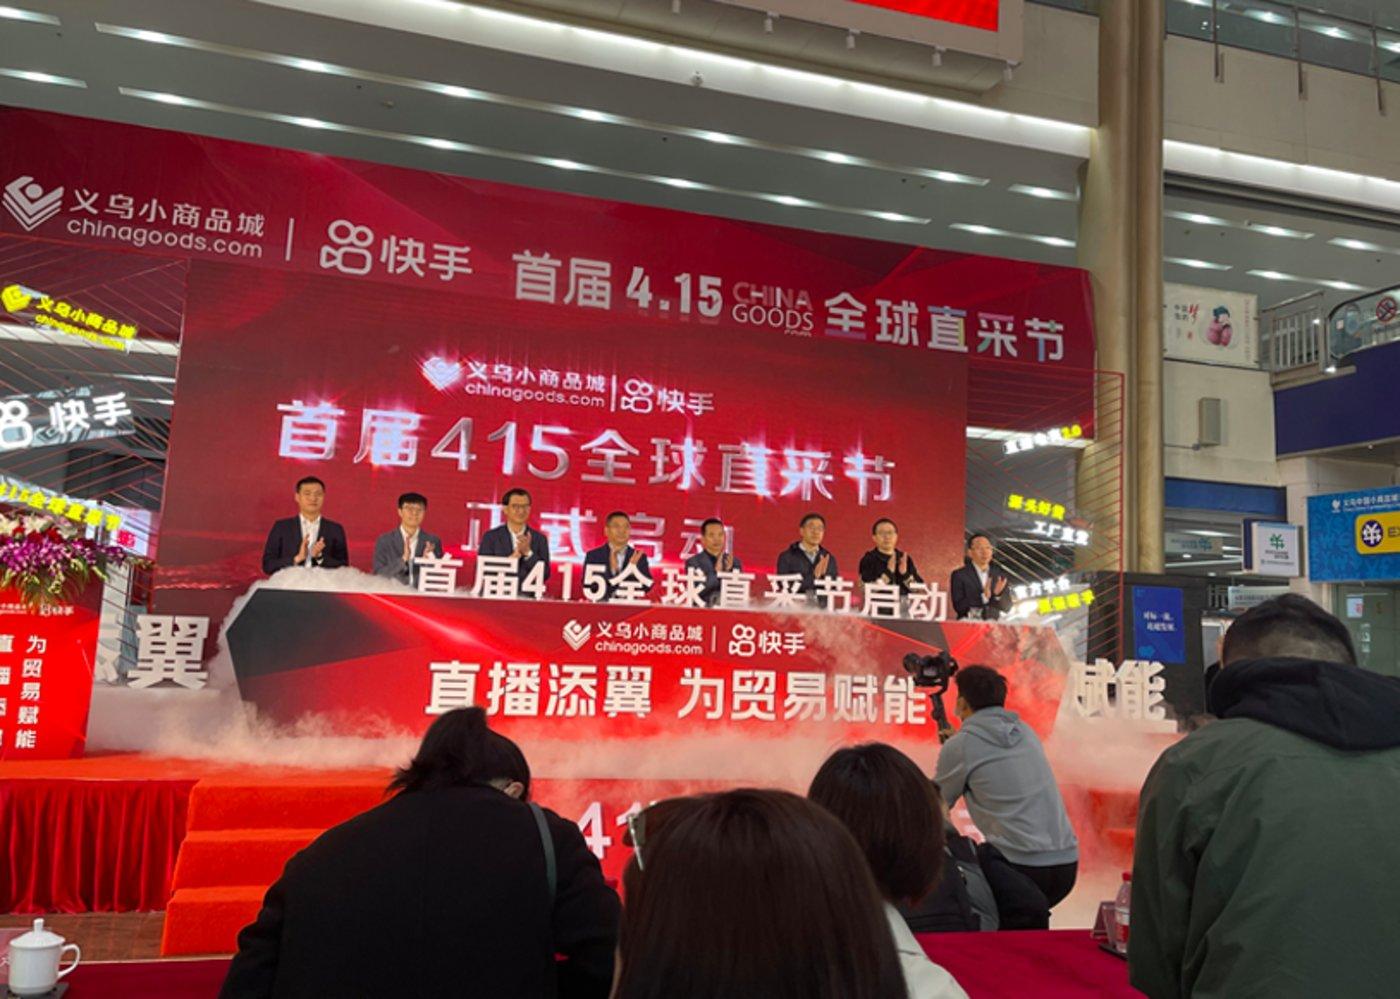 快手联合义乌小商品城启动首届全球直采节